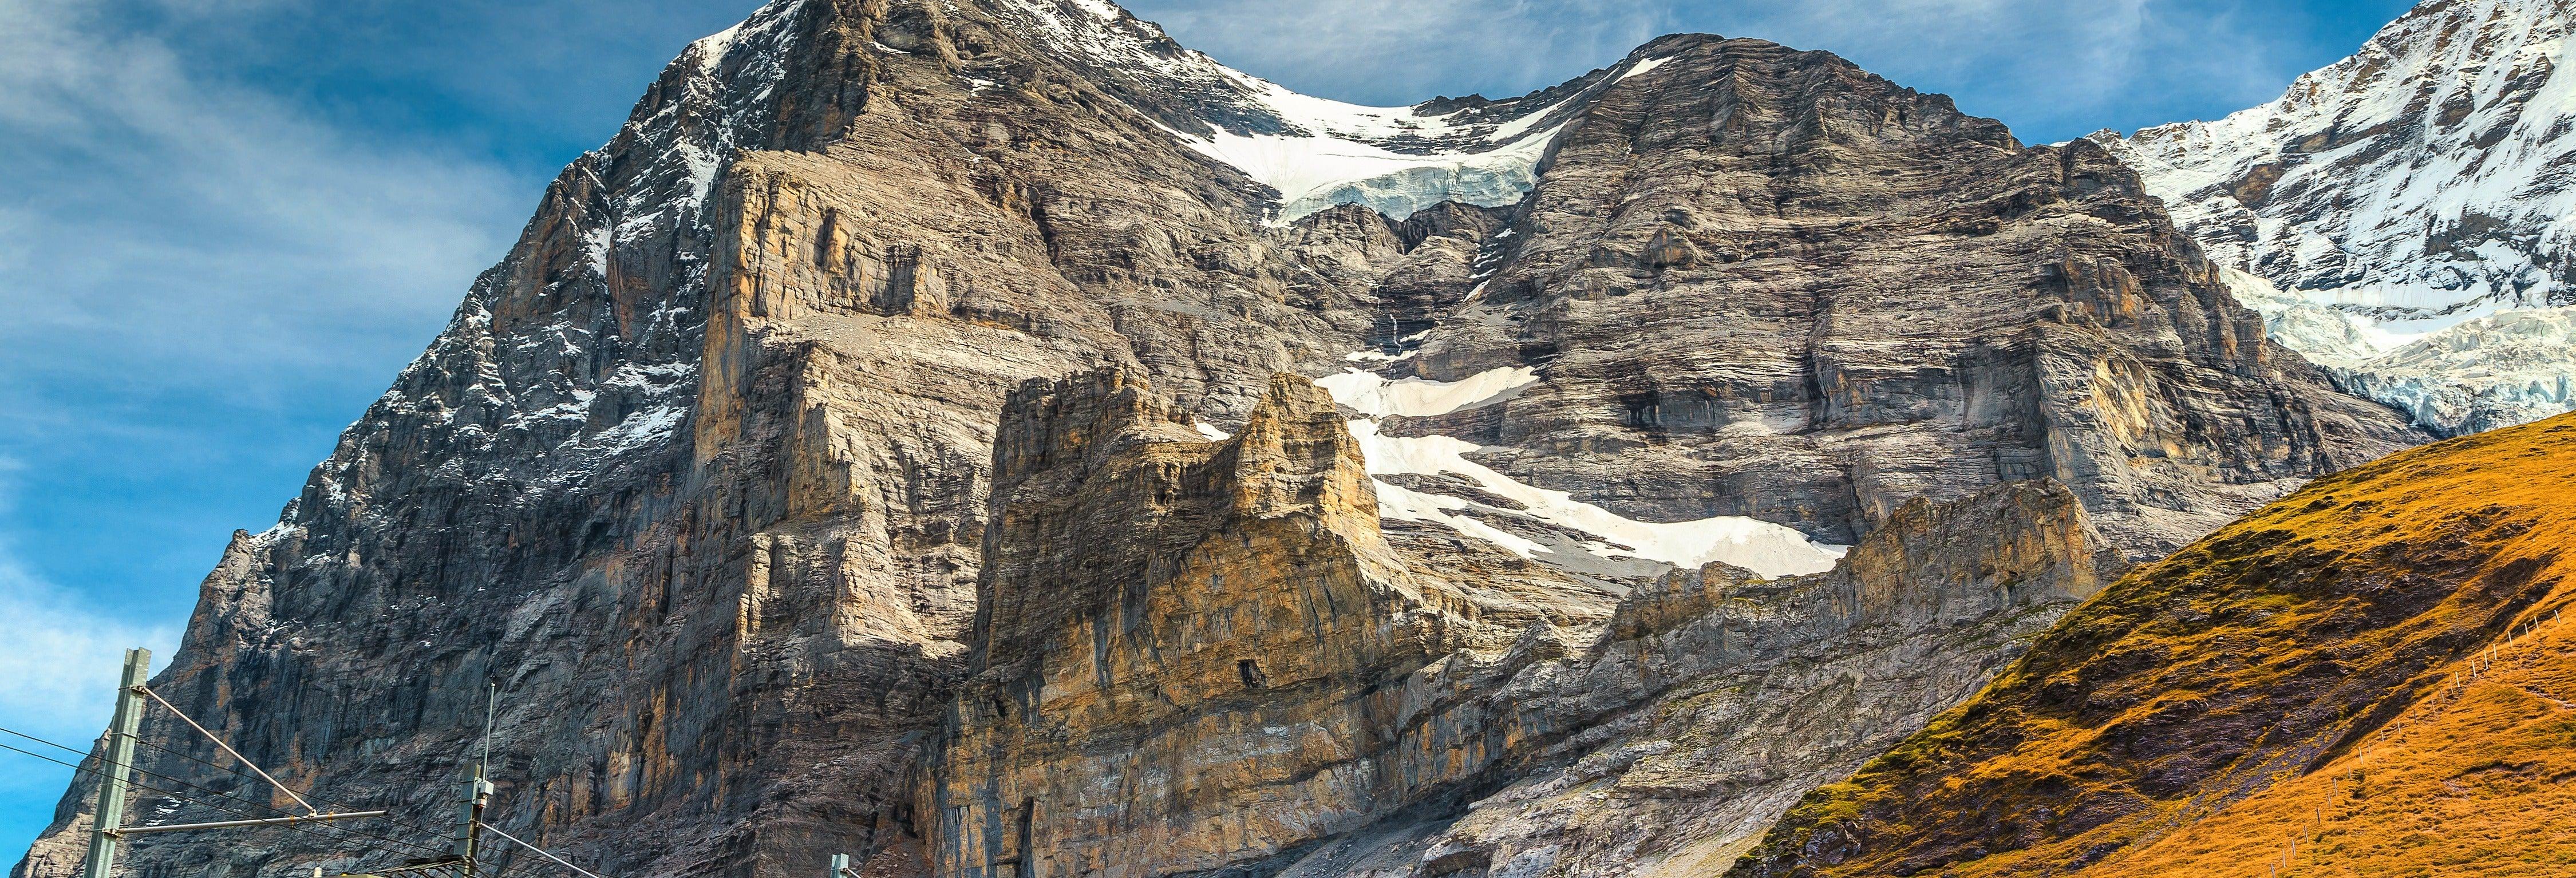 Excursión al Jungfrau